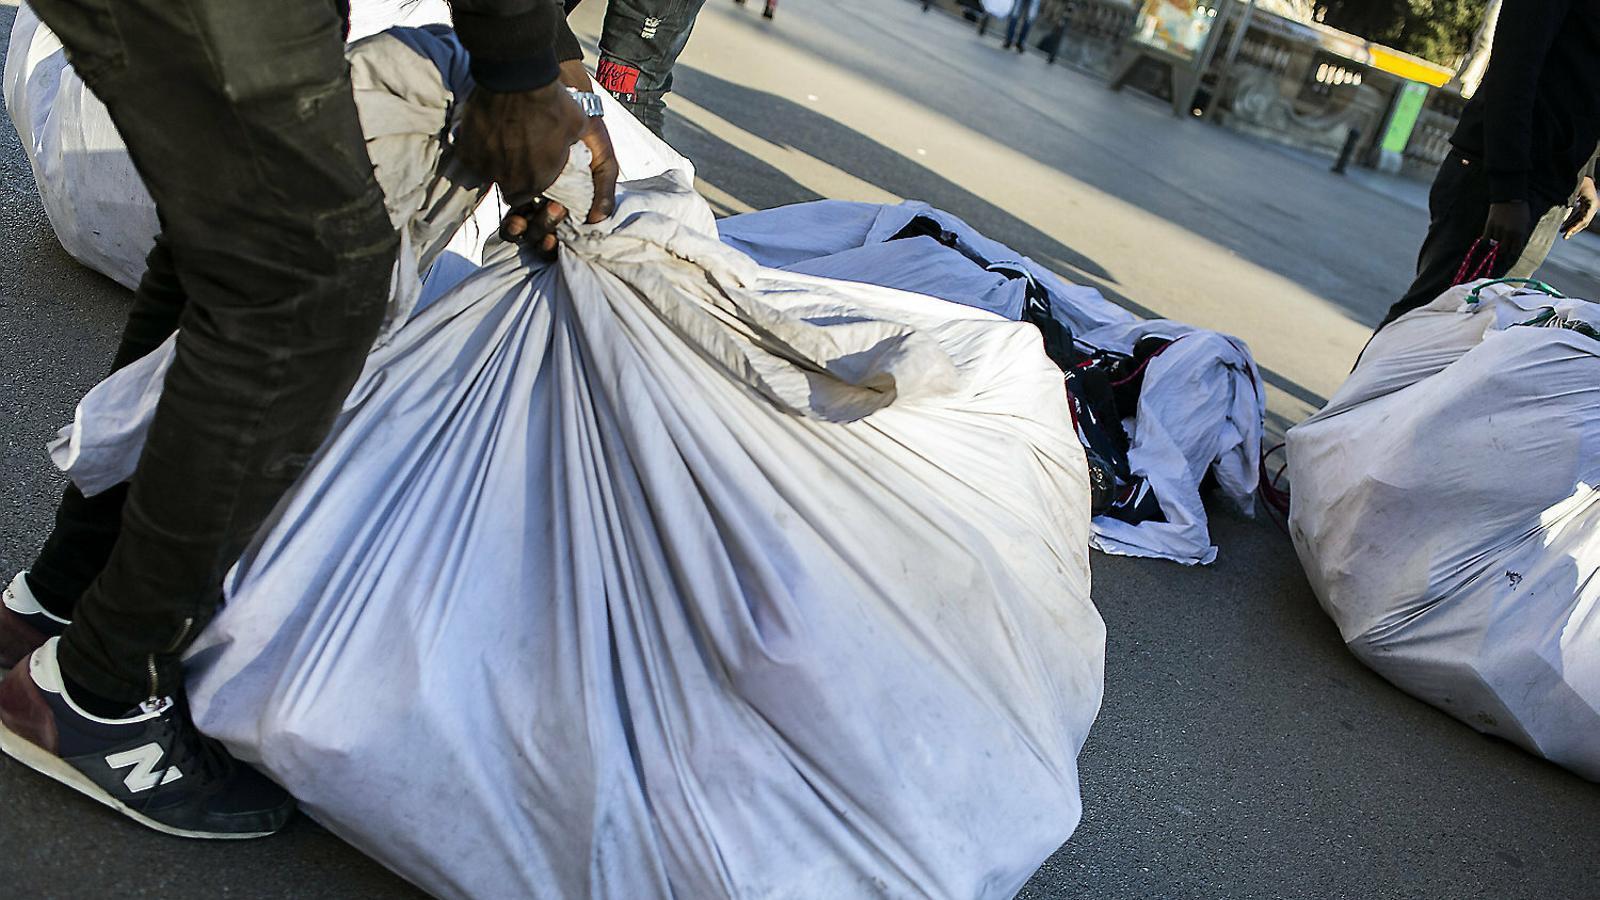 Uns venedors ambulants recollint el seu material per la presència de la policia.